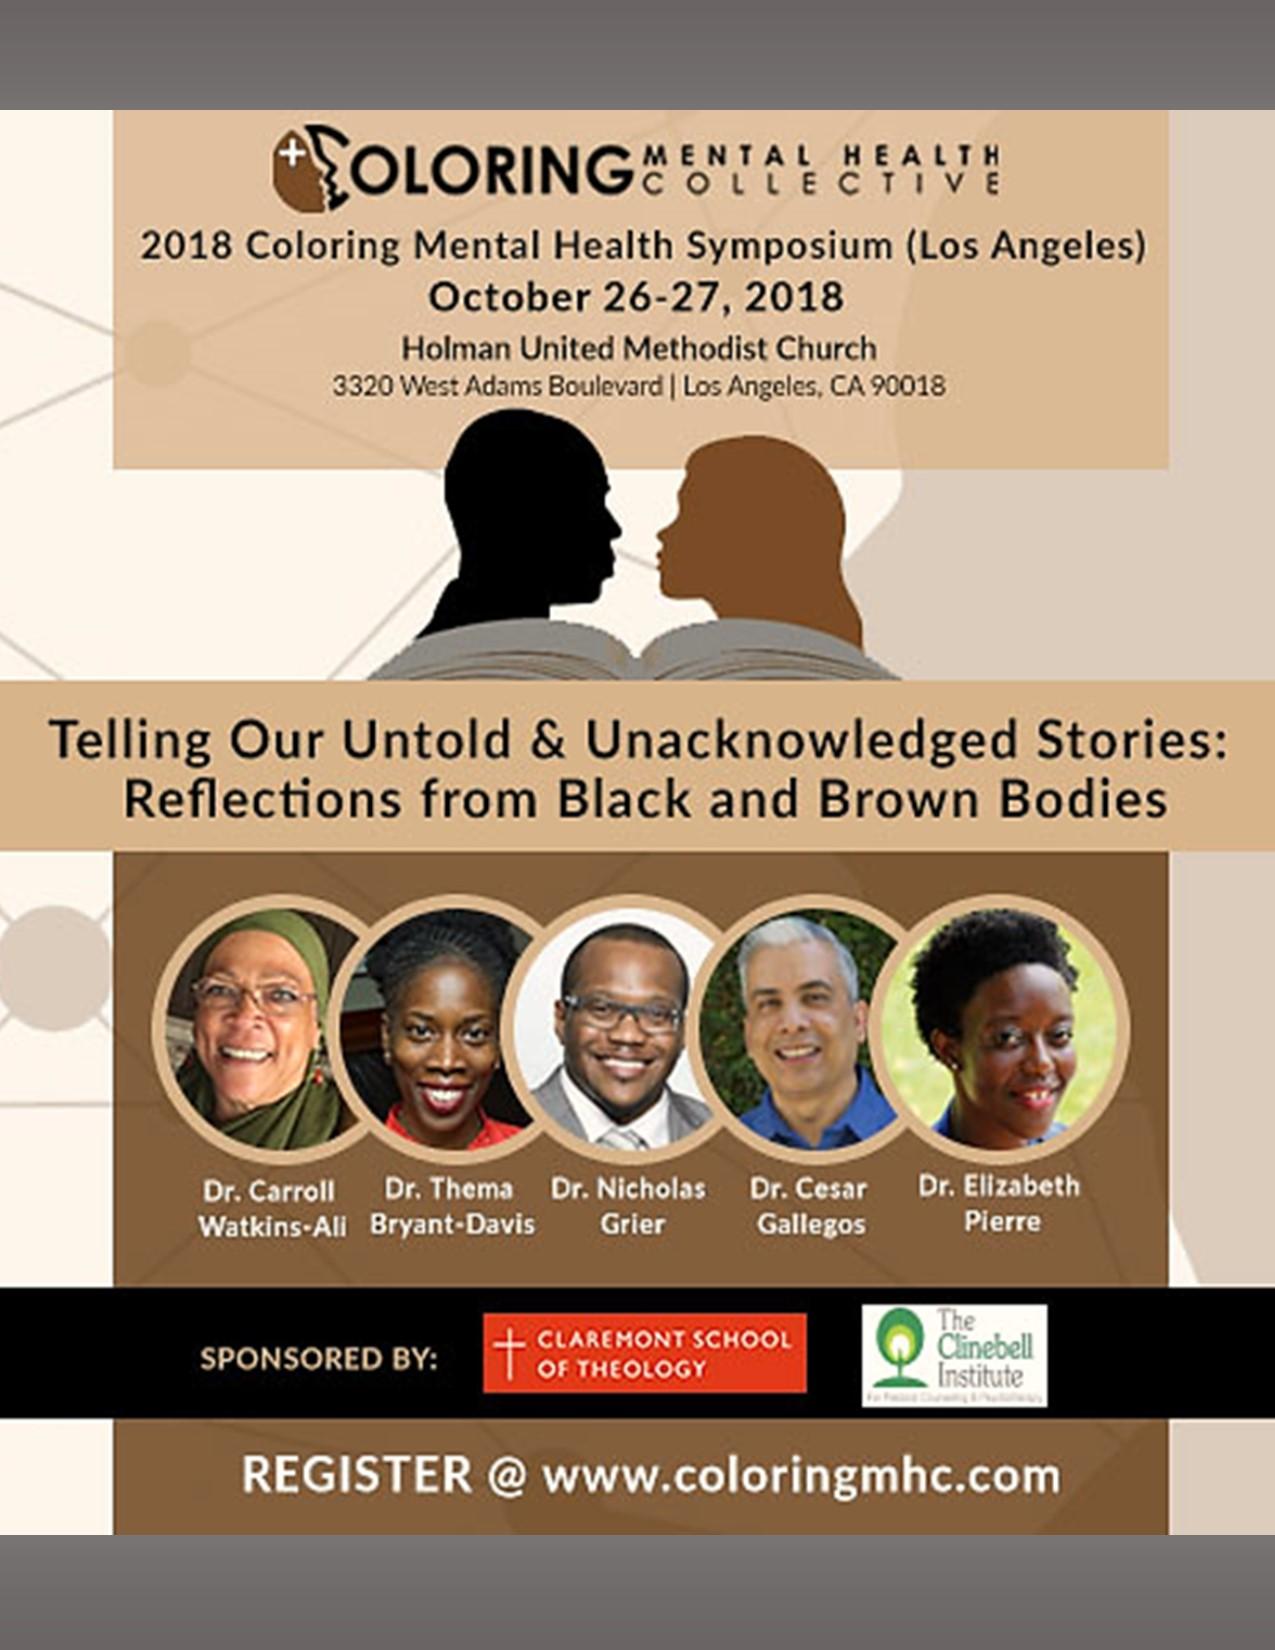 2018 Coloring Mental Health Symposium Los Angeles – Holman